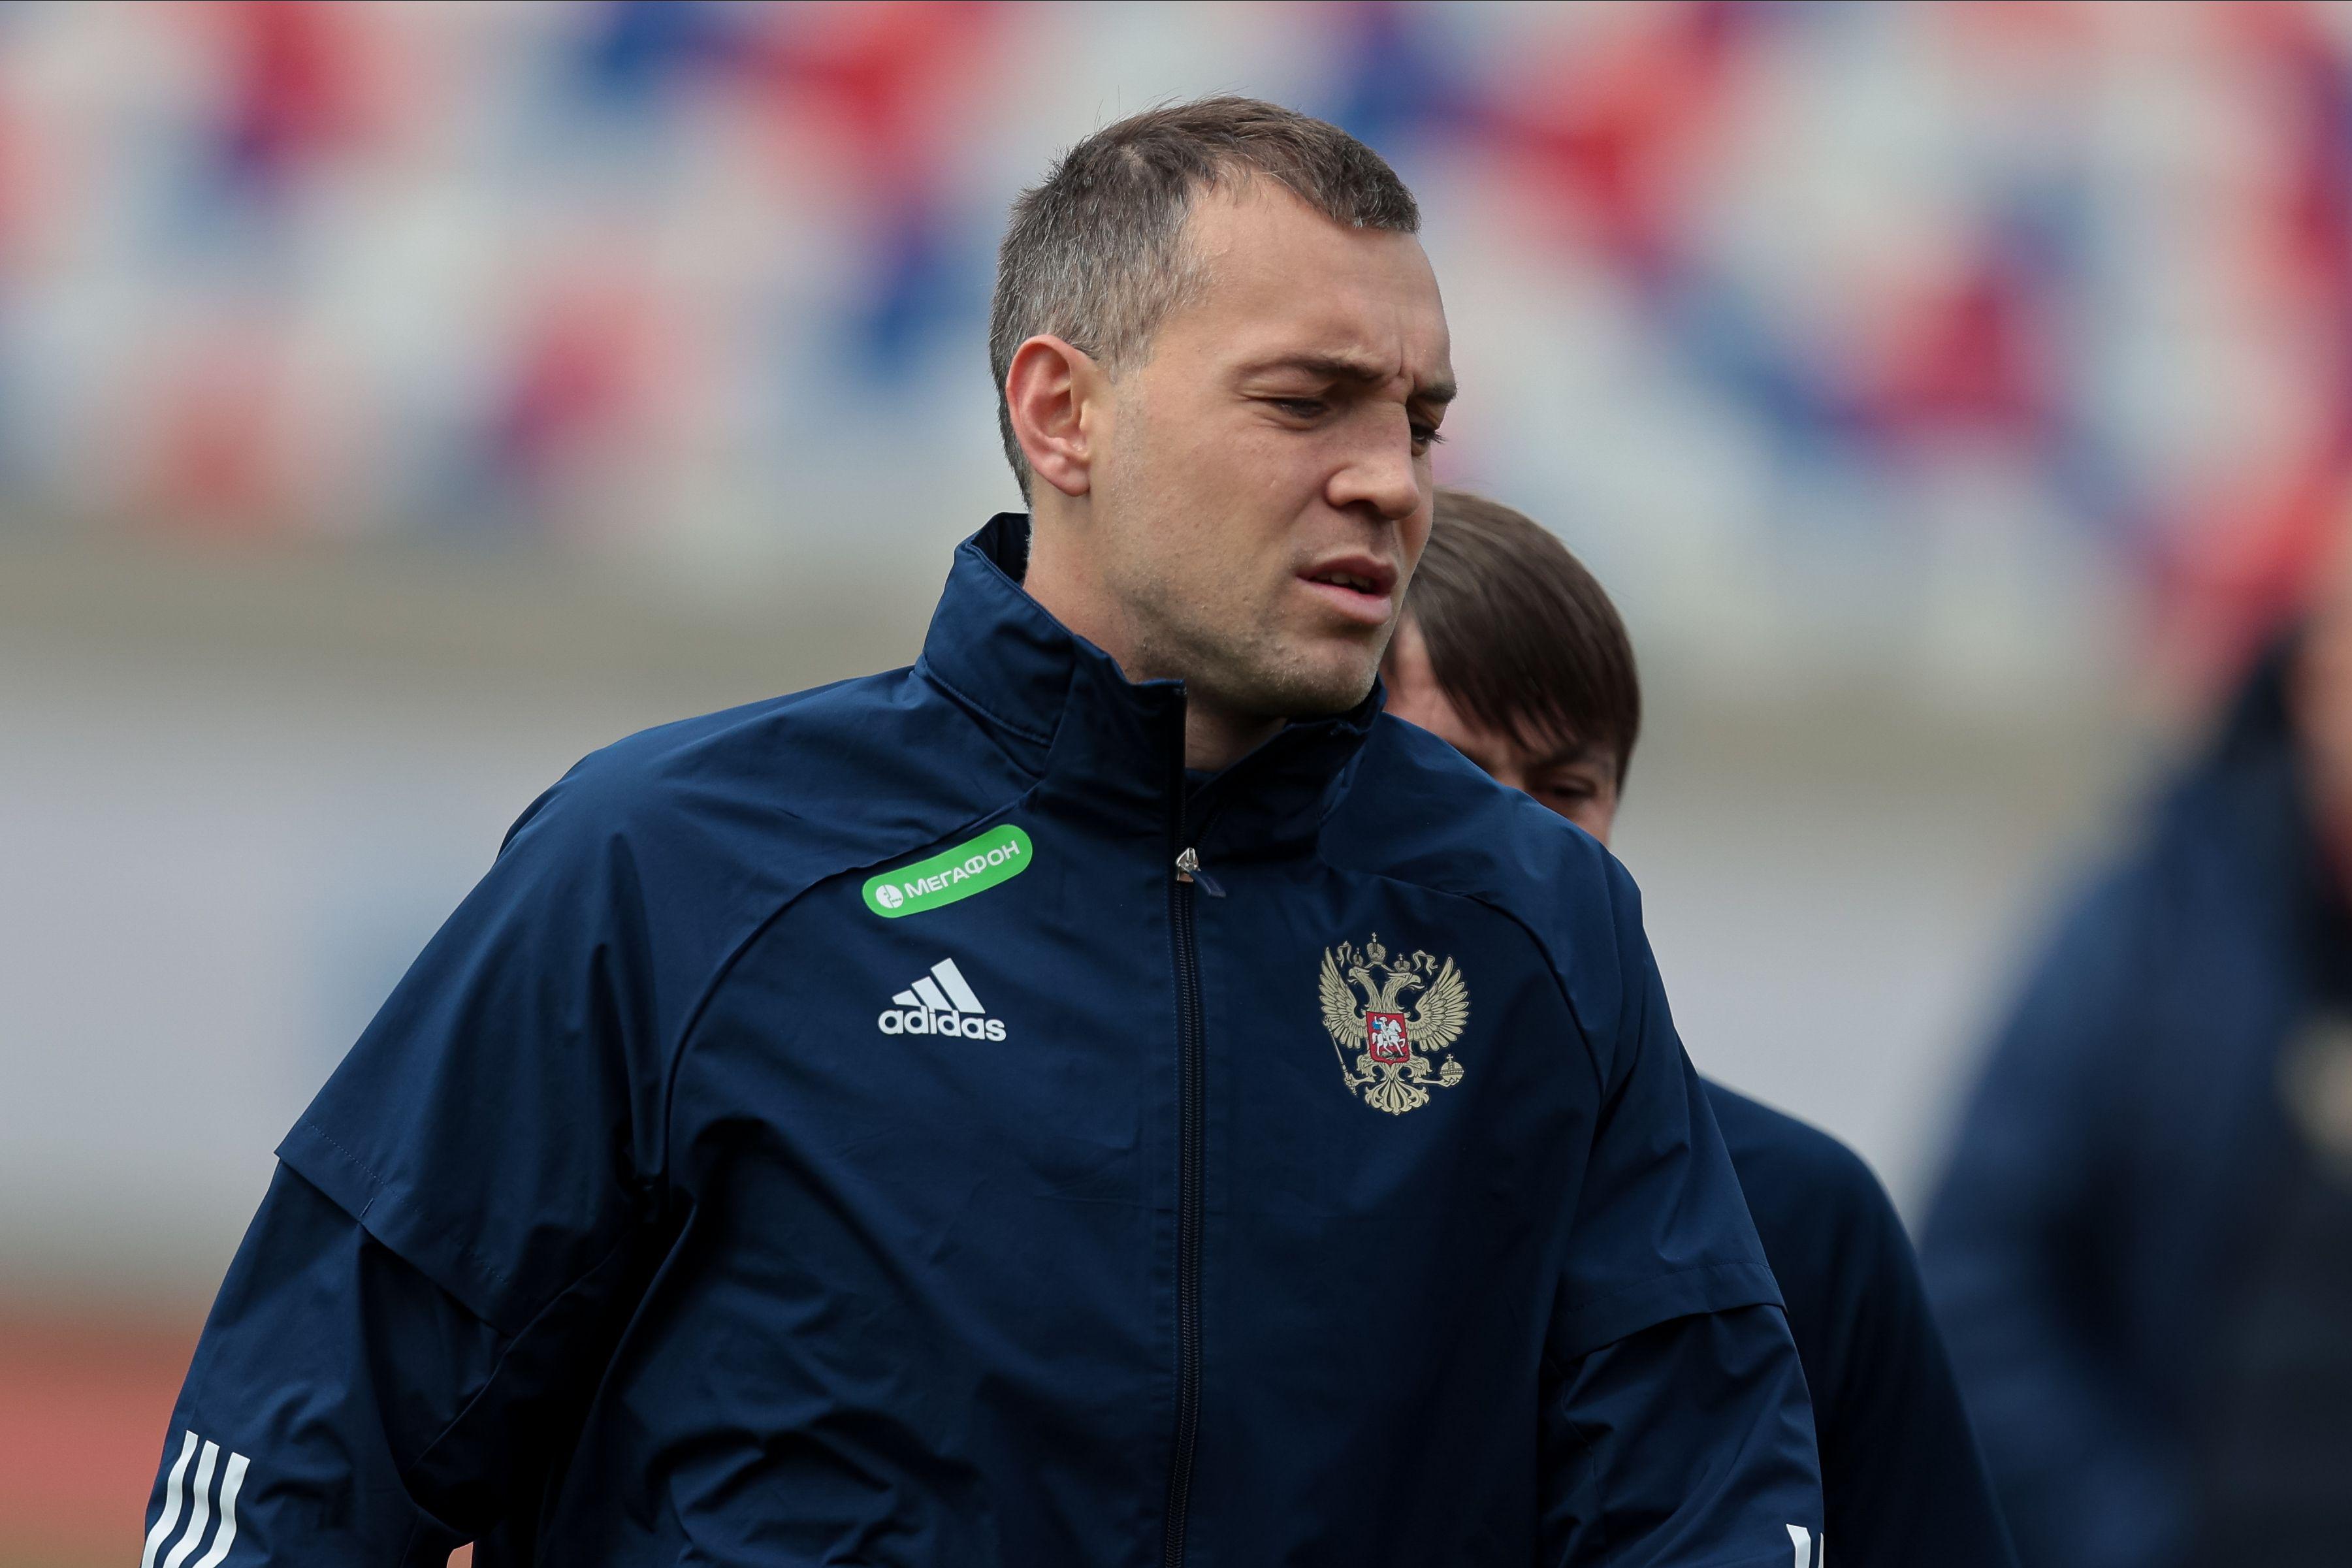 Иностранцы - о Дзюбе: 'Один из самых физически внушительных игроков в Европе'